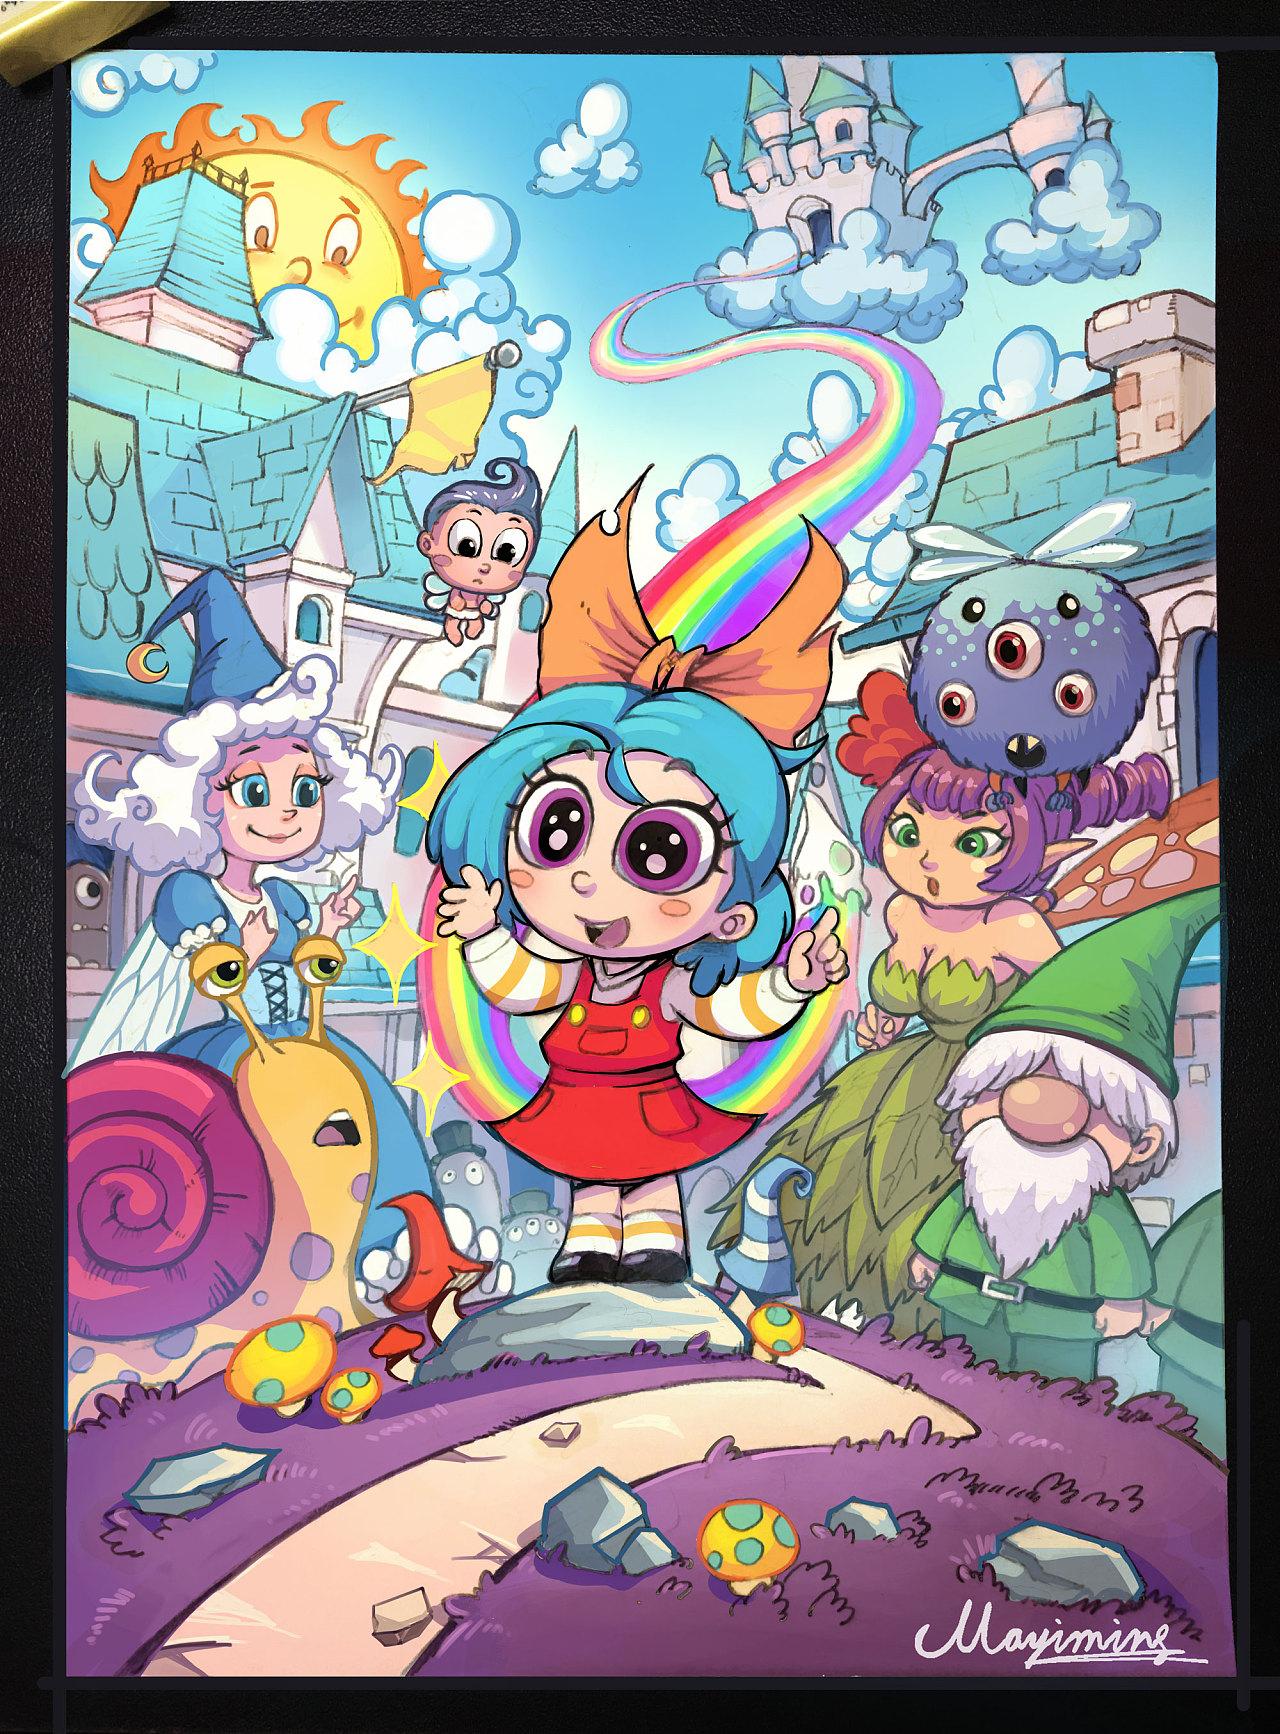 一炷香的时间_Q版插画一张 插画 儿童插画 少侠一炷香ol - 原创作品 - 站酷 (ZCOOL)